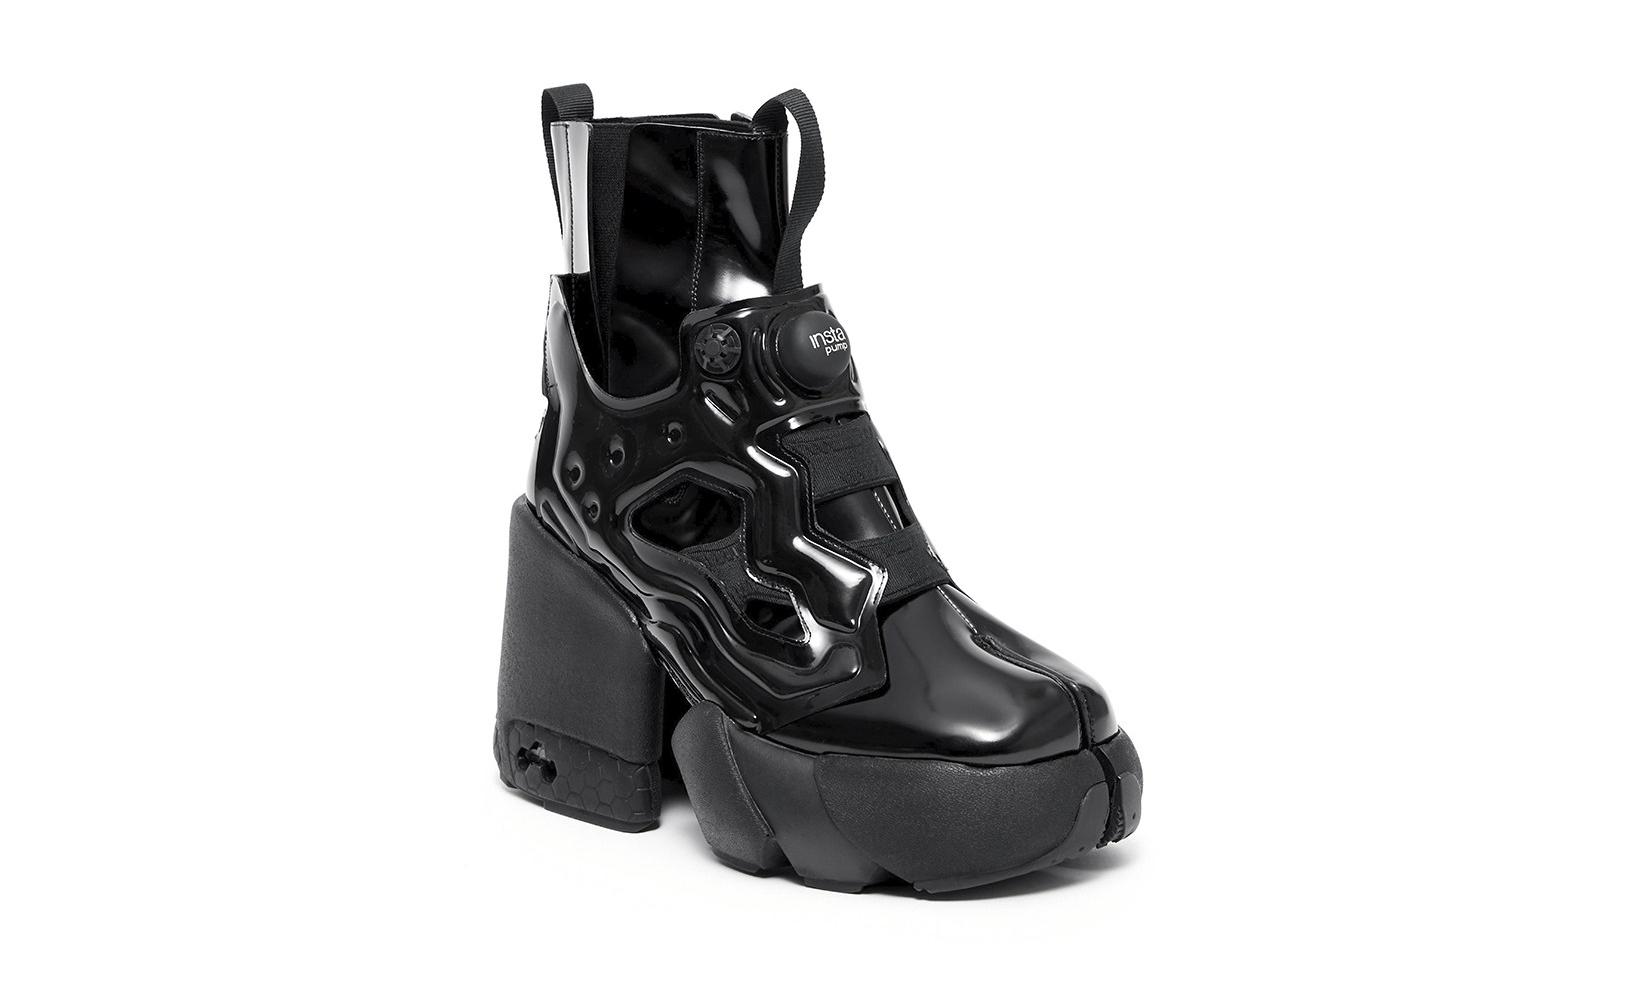 完整系列正式曝光,Maison Margiela x Reebok 分趾靴将于 9 月开售